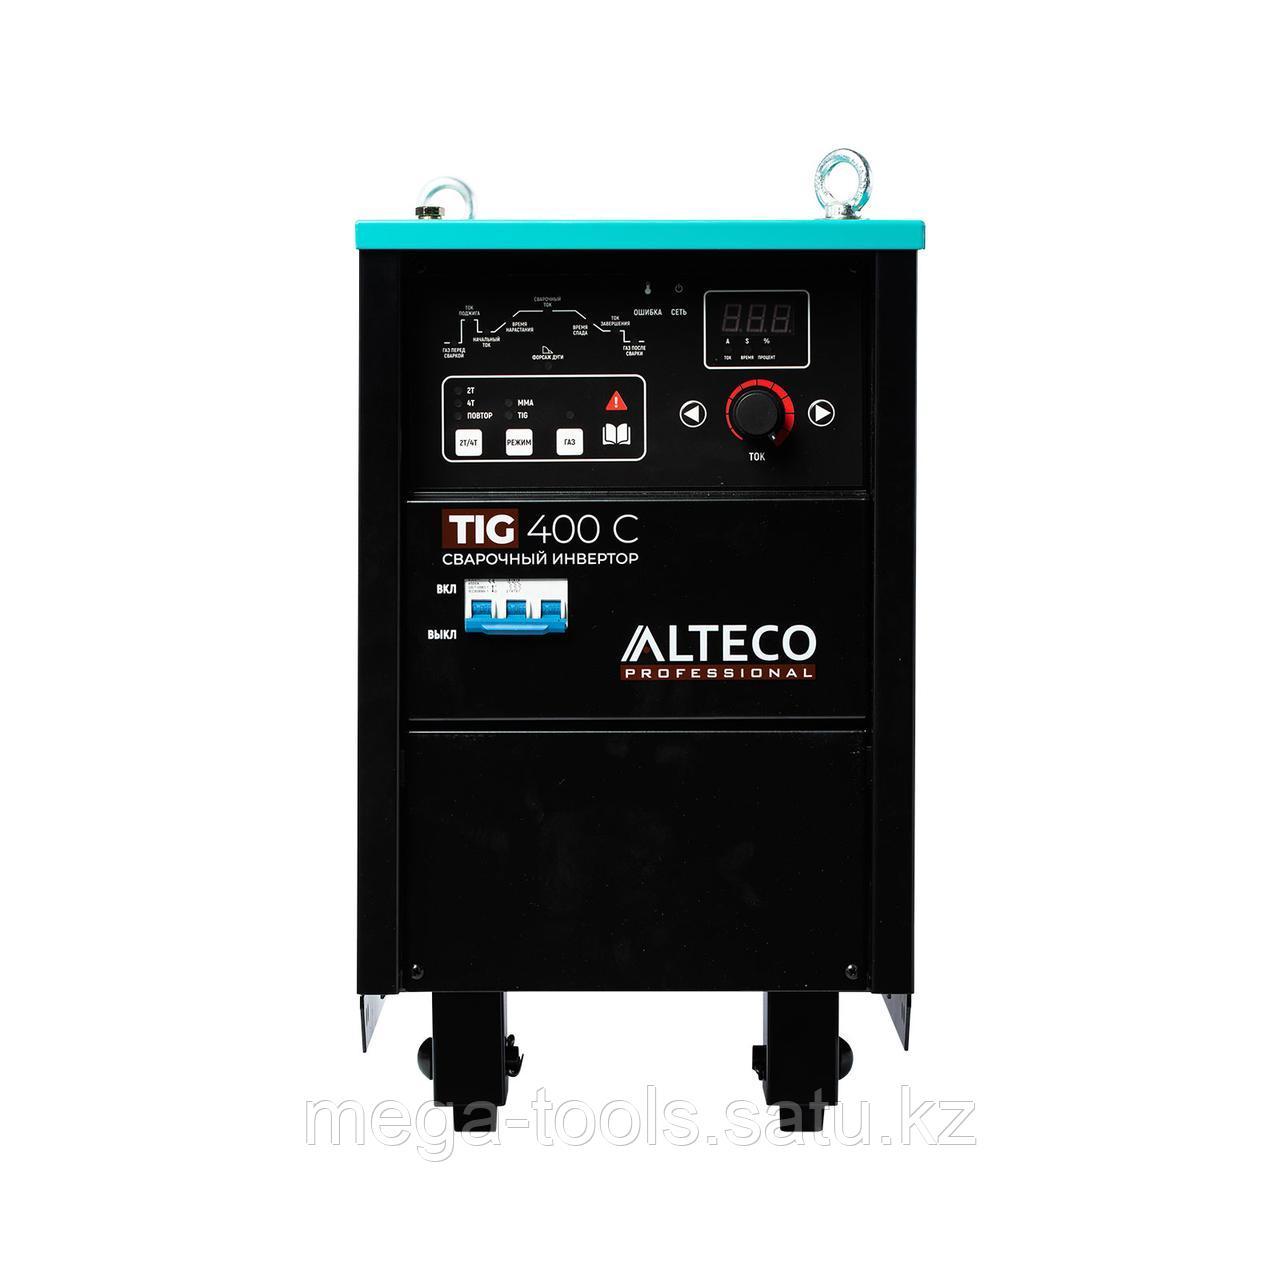 Сварочный аппарат ALTECO TIG 400 C - фото 6